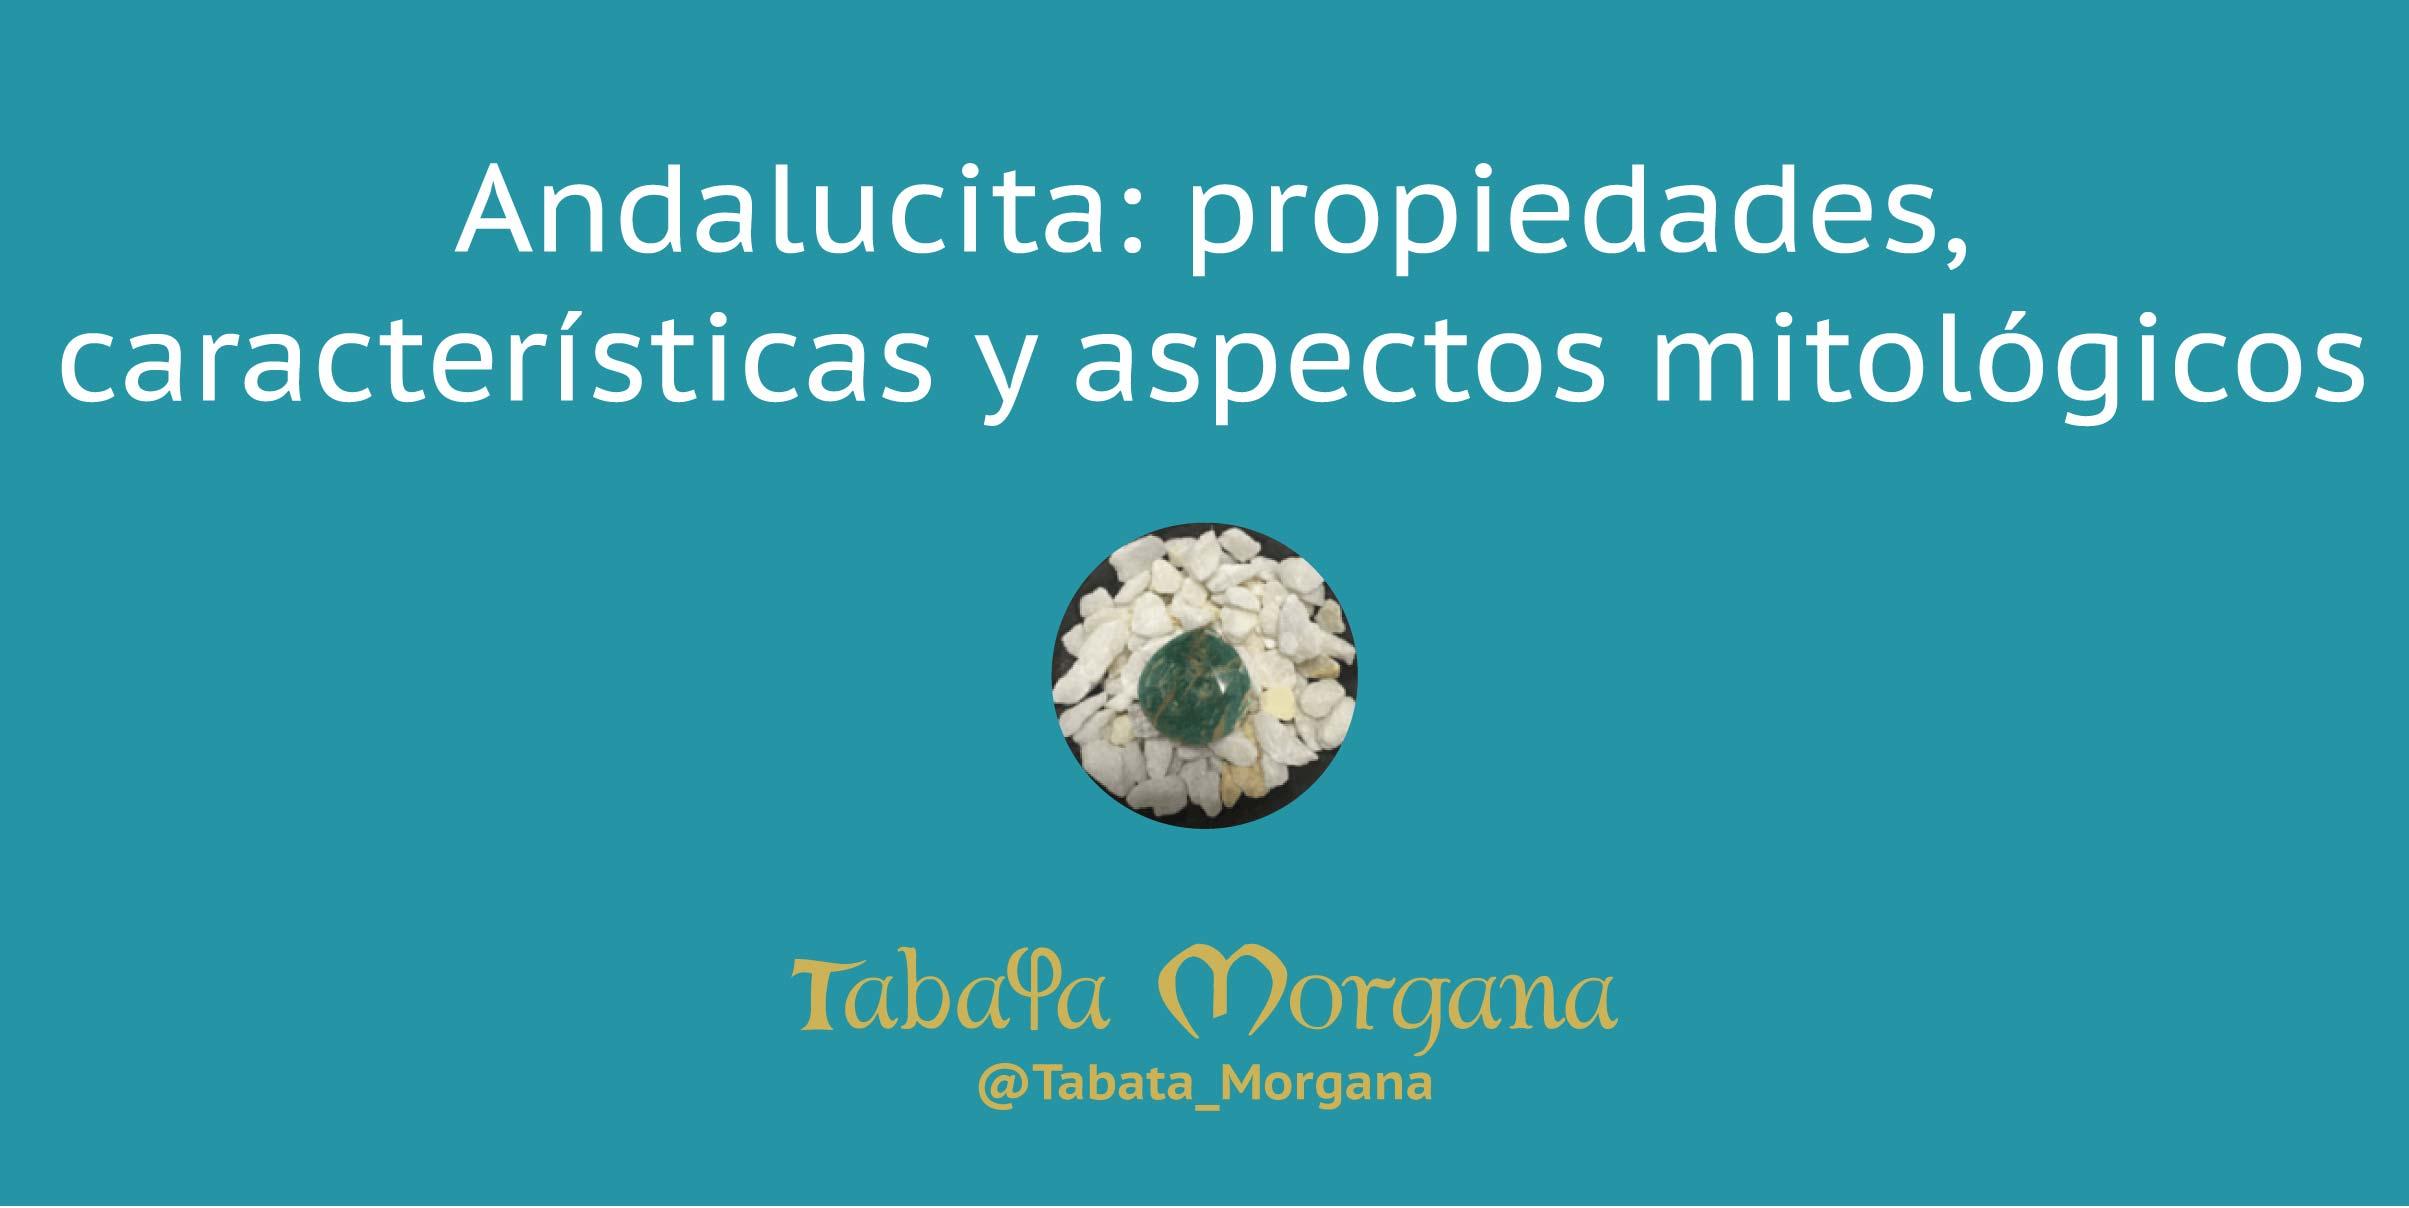 andalucita: propiedades, características y aspectos mitológicos en el blod de tabata morgana